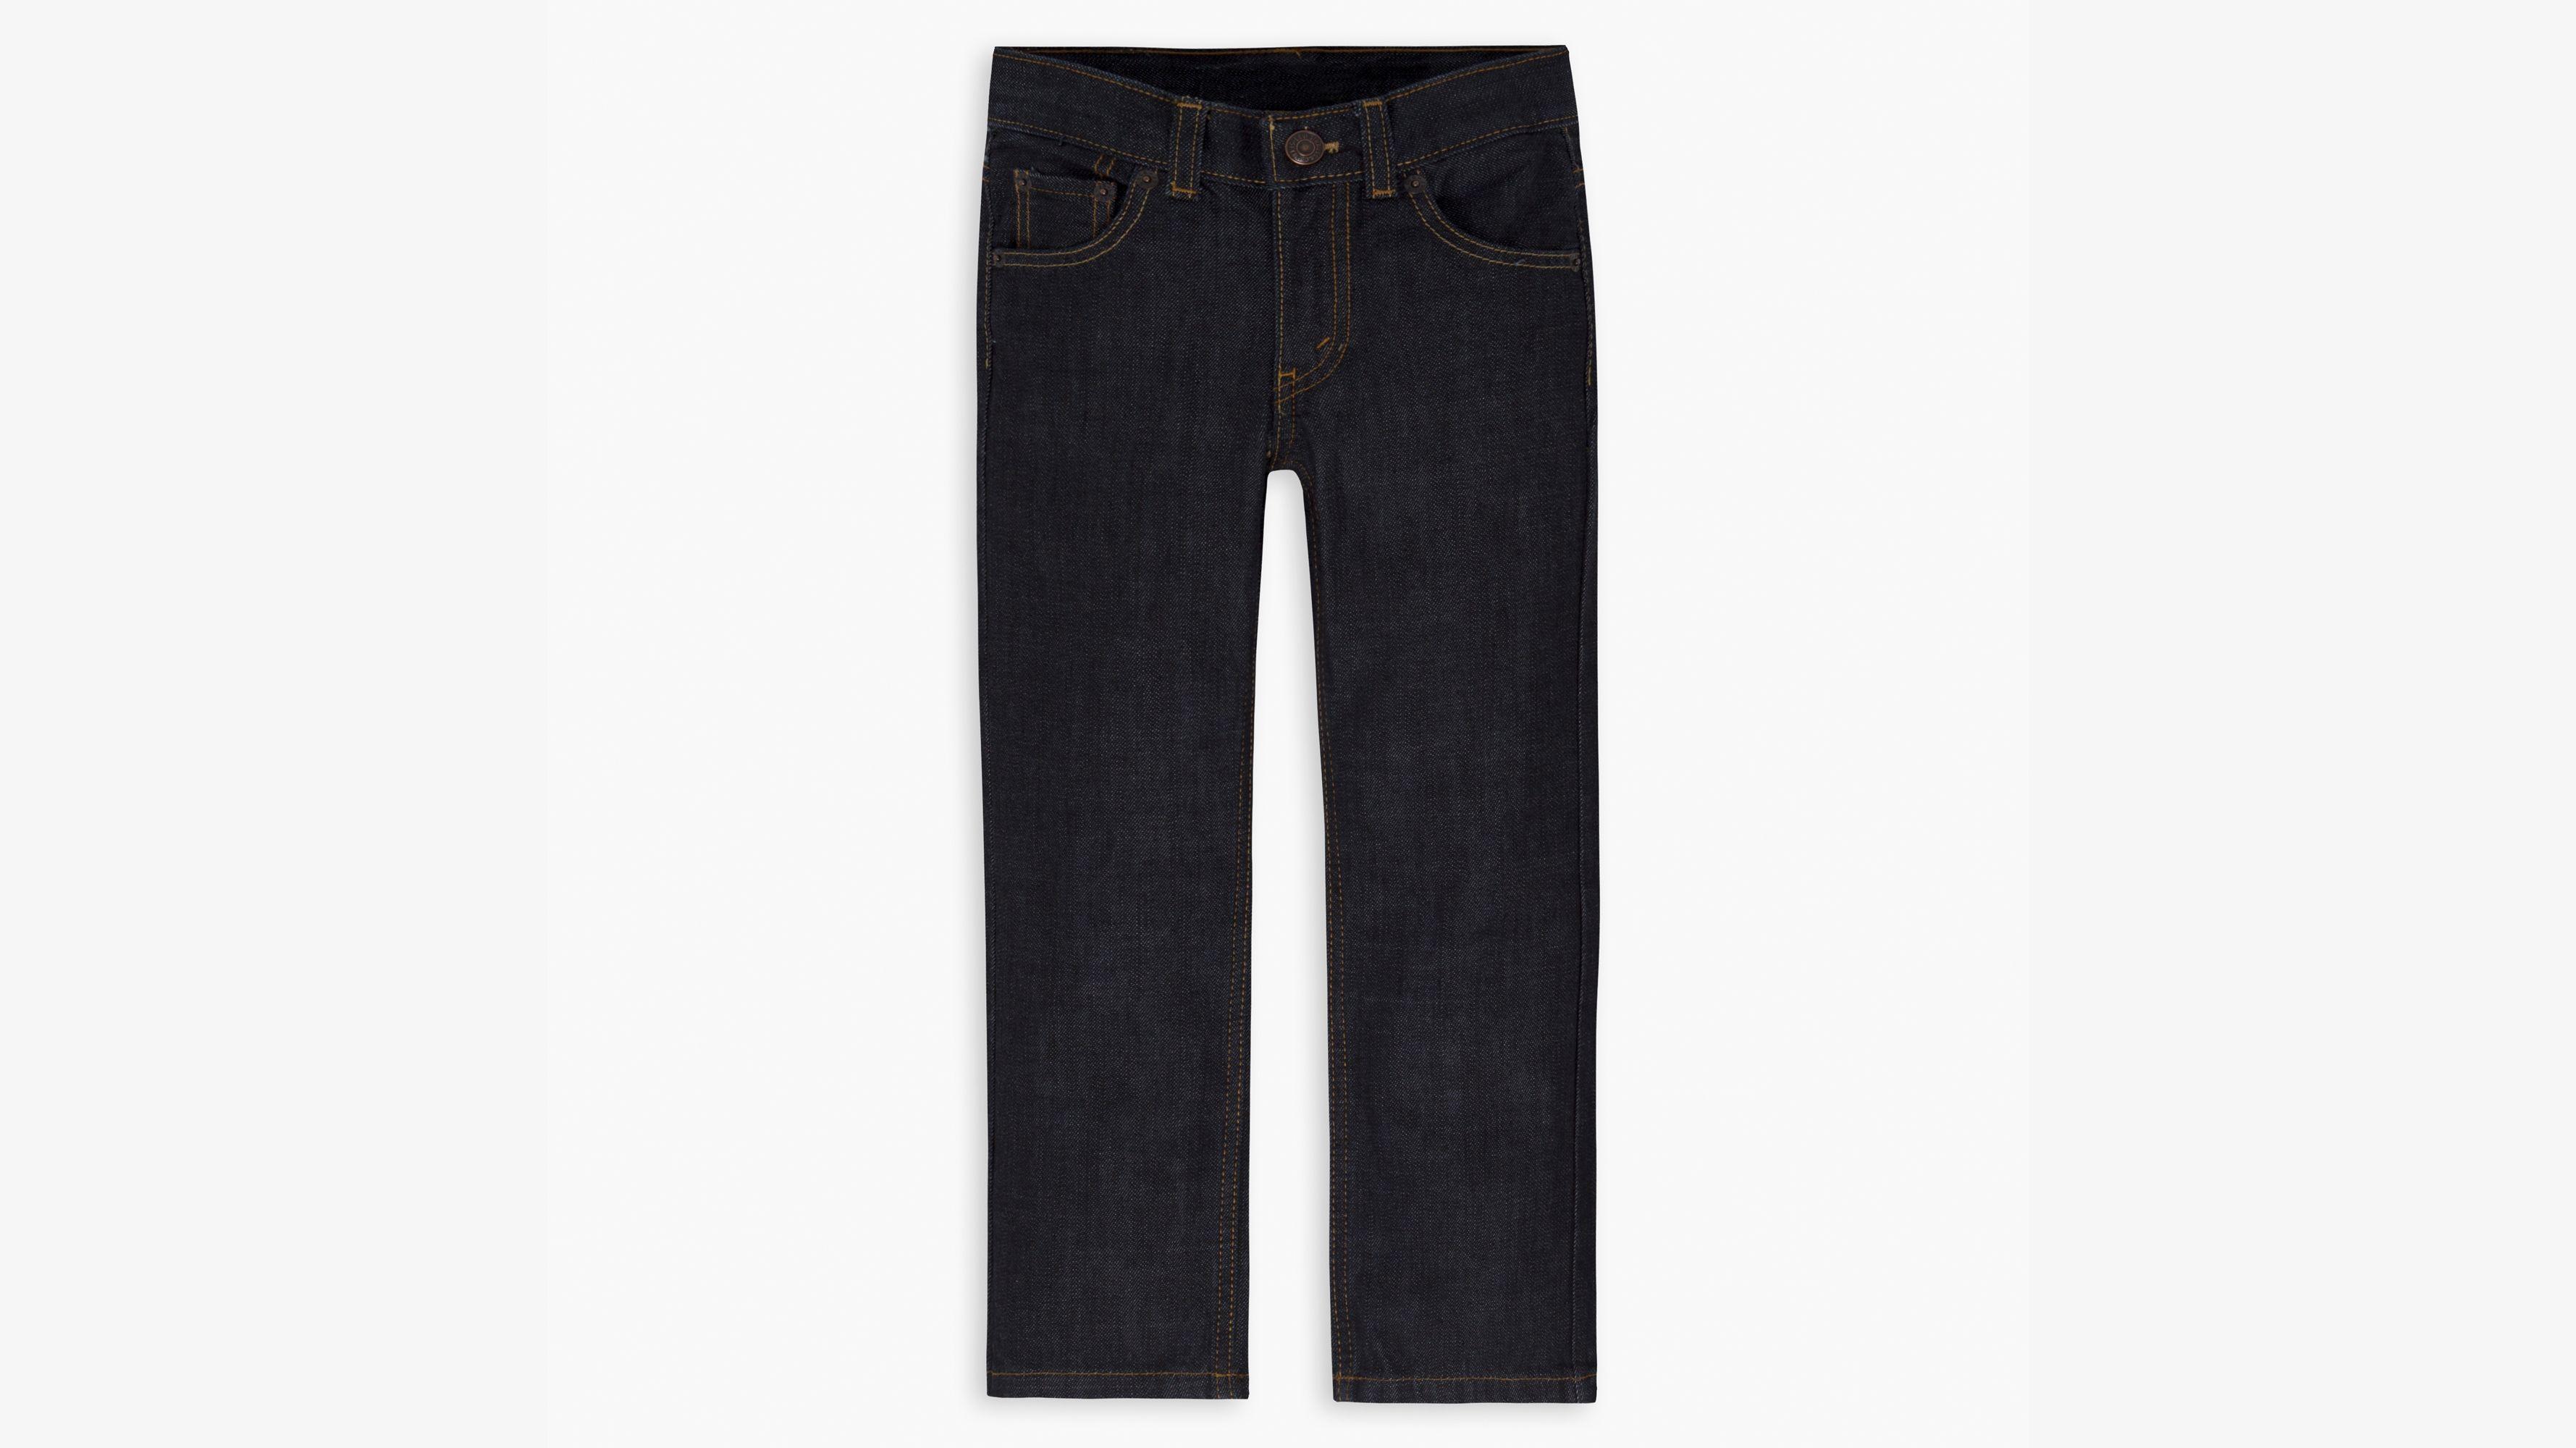 Boys (8-20) 505™ Straight Jeans (Husky) - Armor